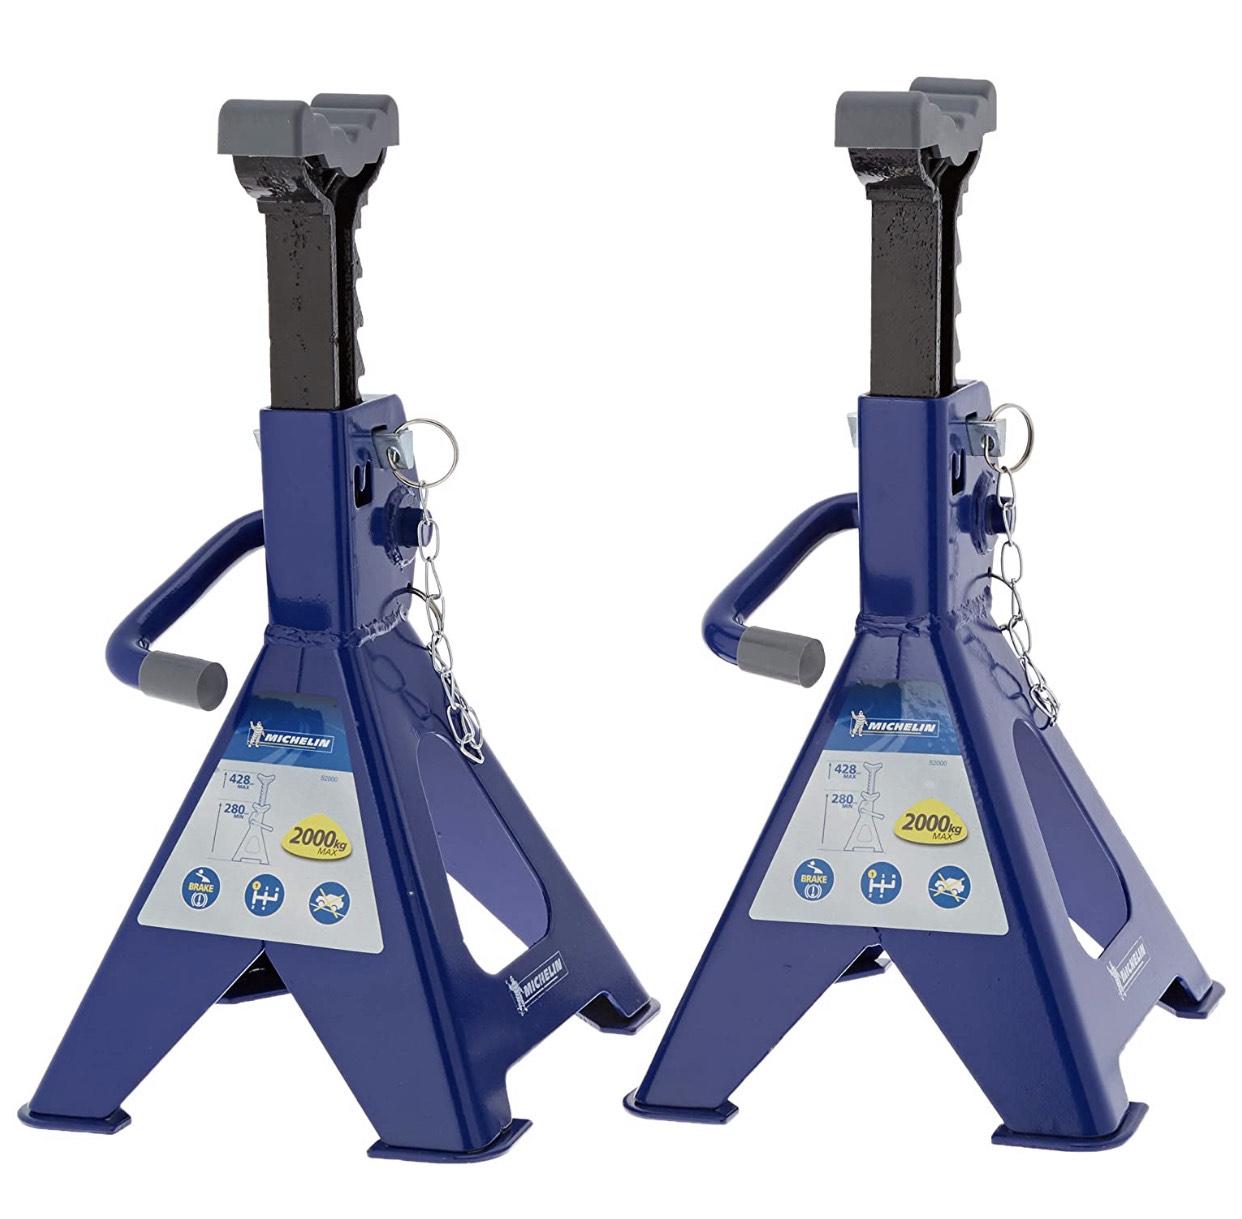 Lot de 2 Chandelles Michelin capacité 2T (009 557) - Hauteur de blocage 280 à 408mm, goupille de sécurité